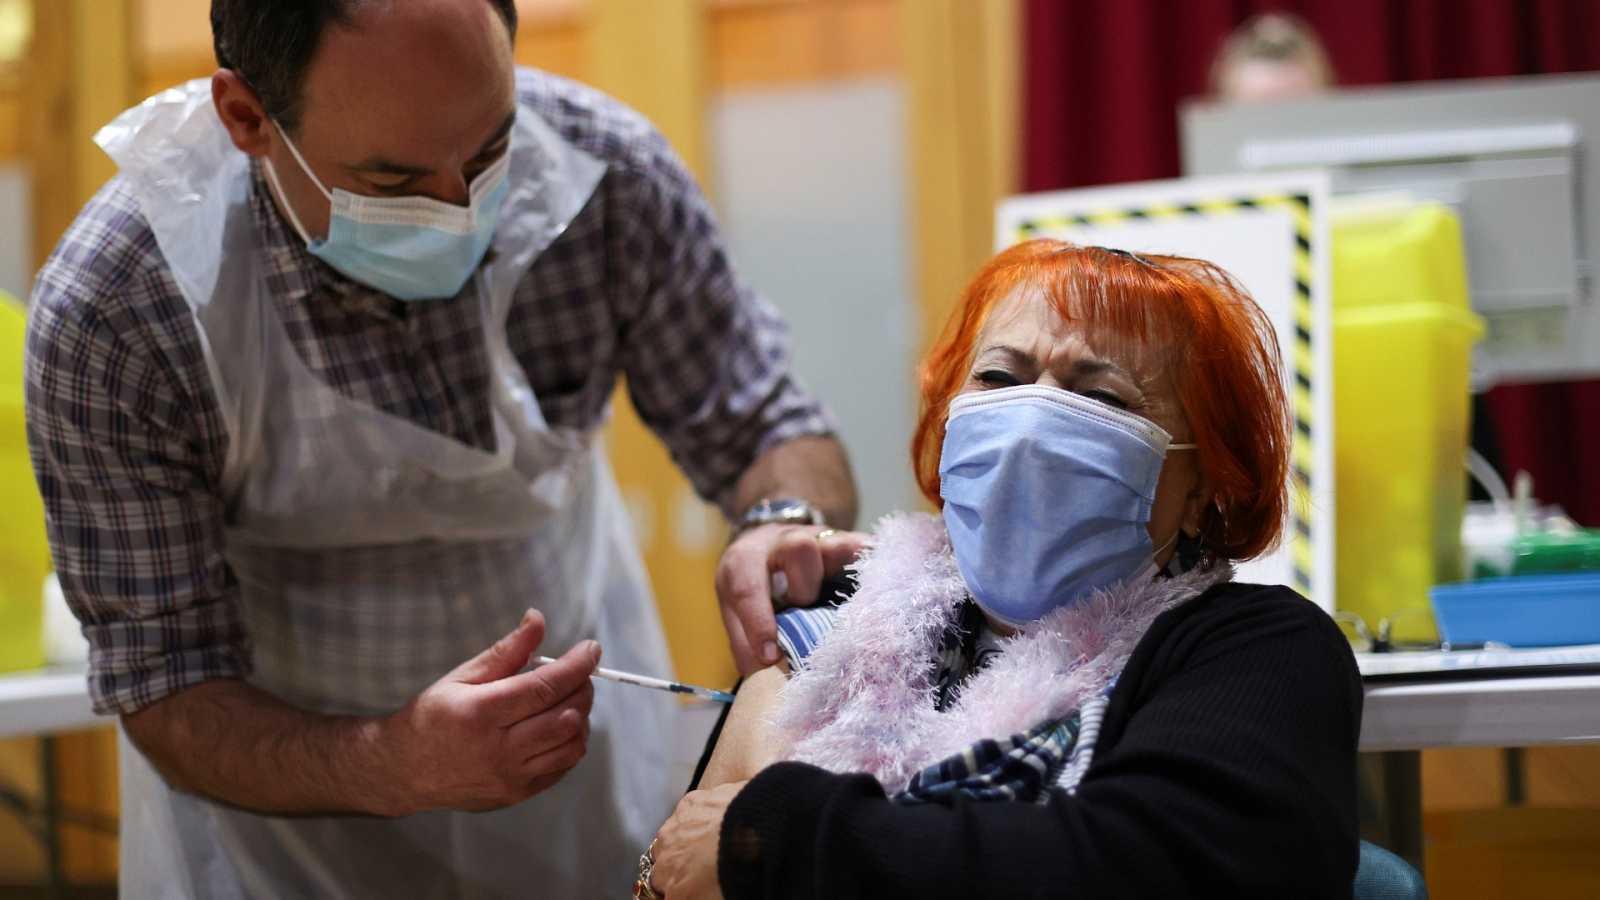 Una mujer recibe una vacuna contra la COVID-19 en Reino Unido